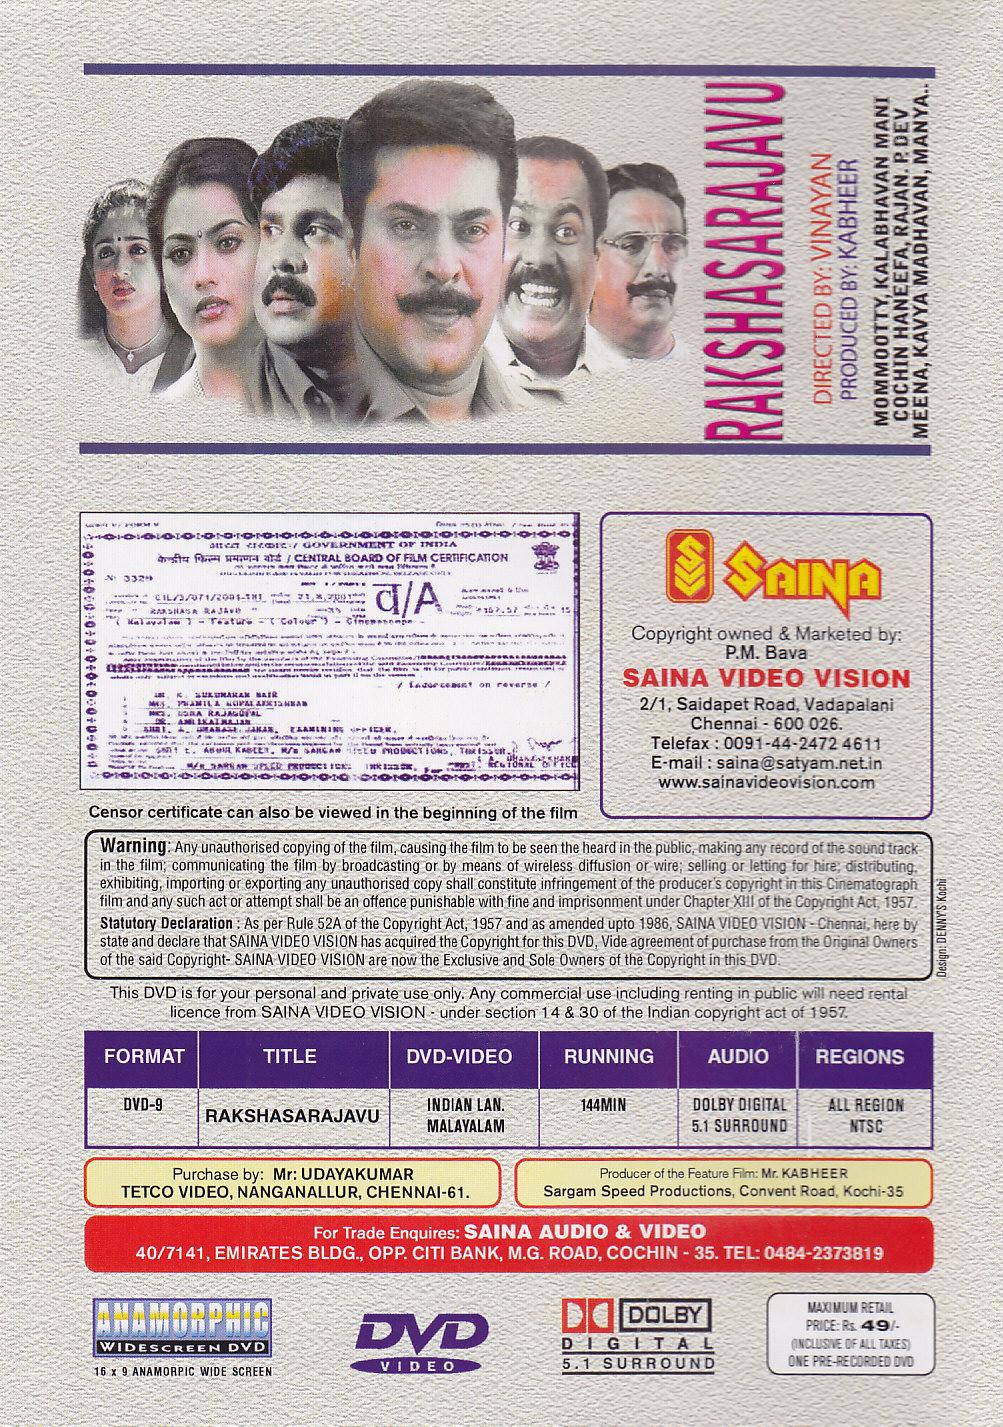 Rakshasarajavu DVD Screenshots (Saina) Rakshasarajavu_B